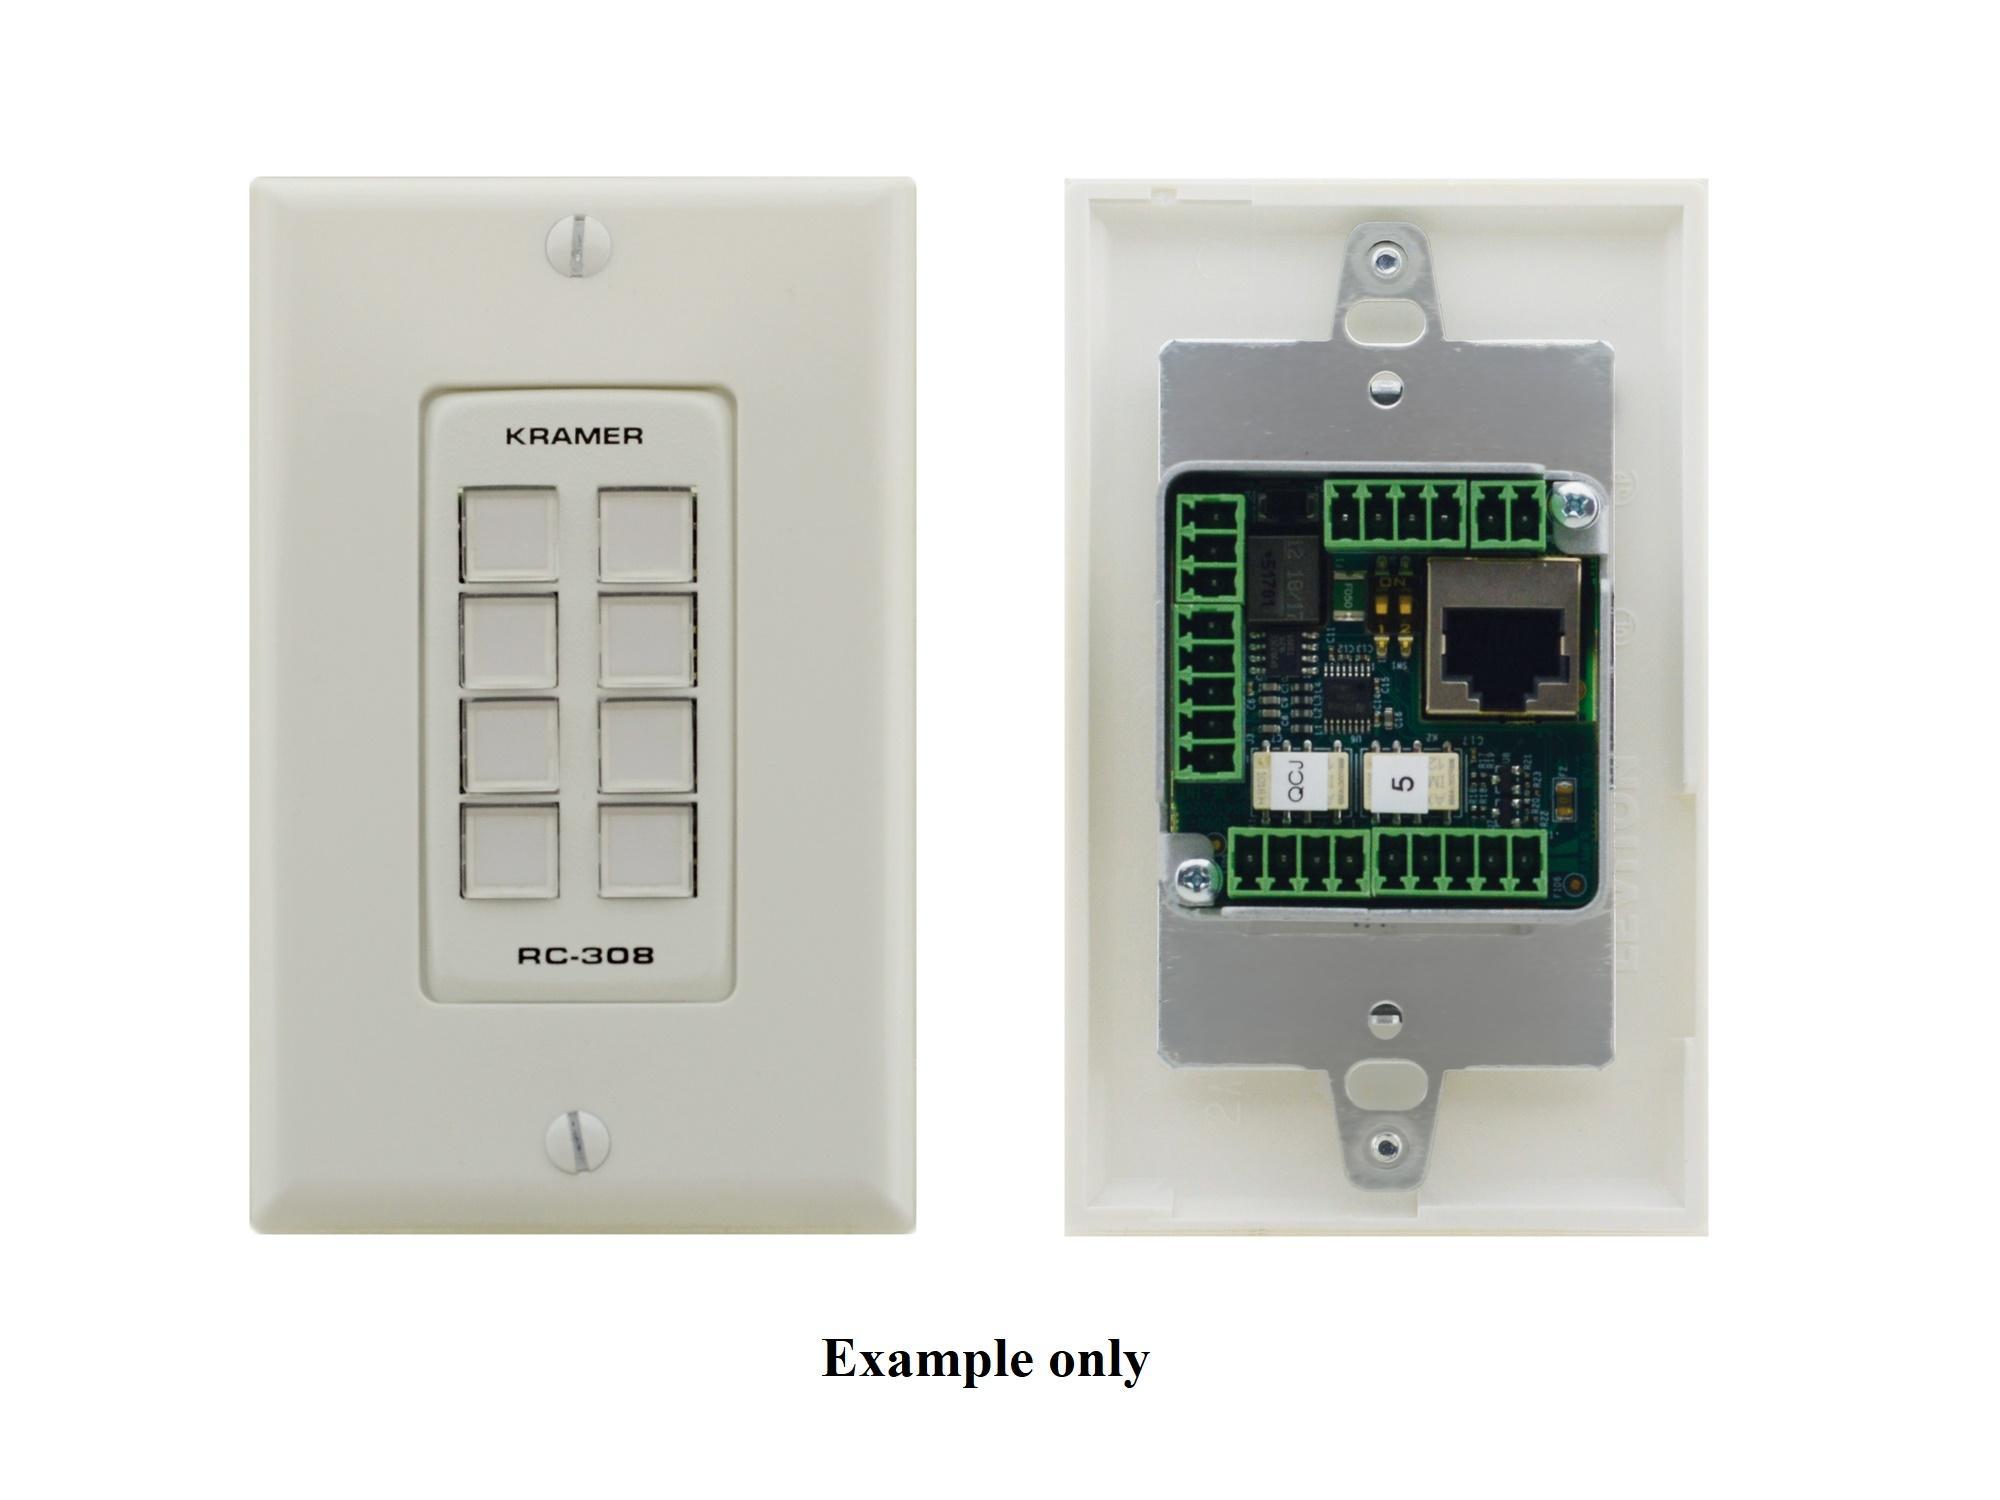 Kramer RC-308/US-D(B) US-D Size 8-Button Control Keypad with Black 1-Gang DECORA Design Frame